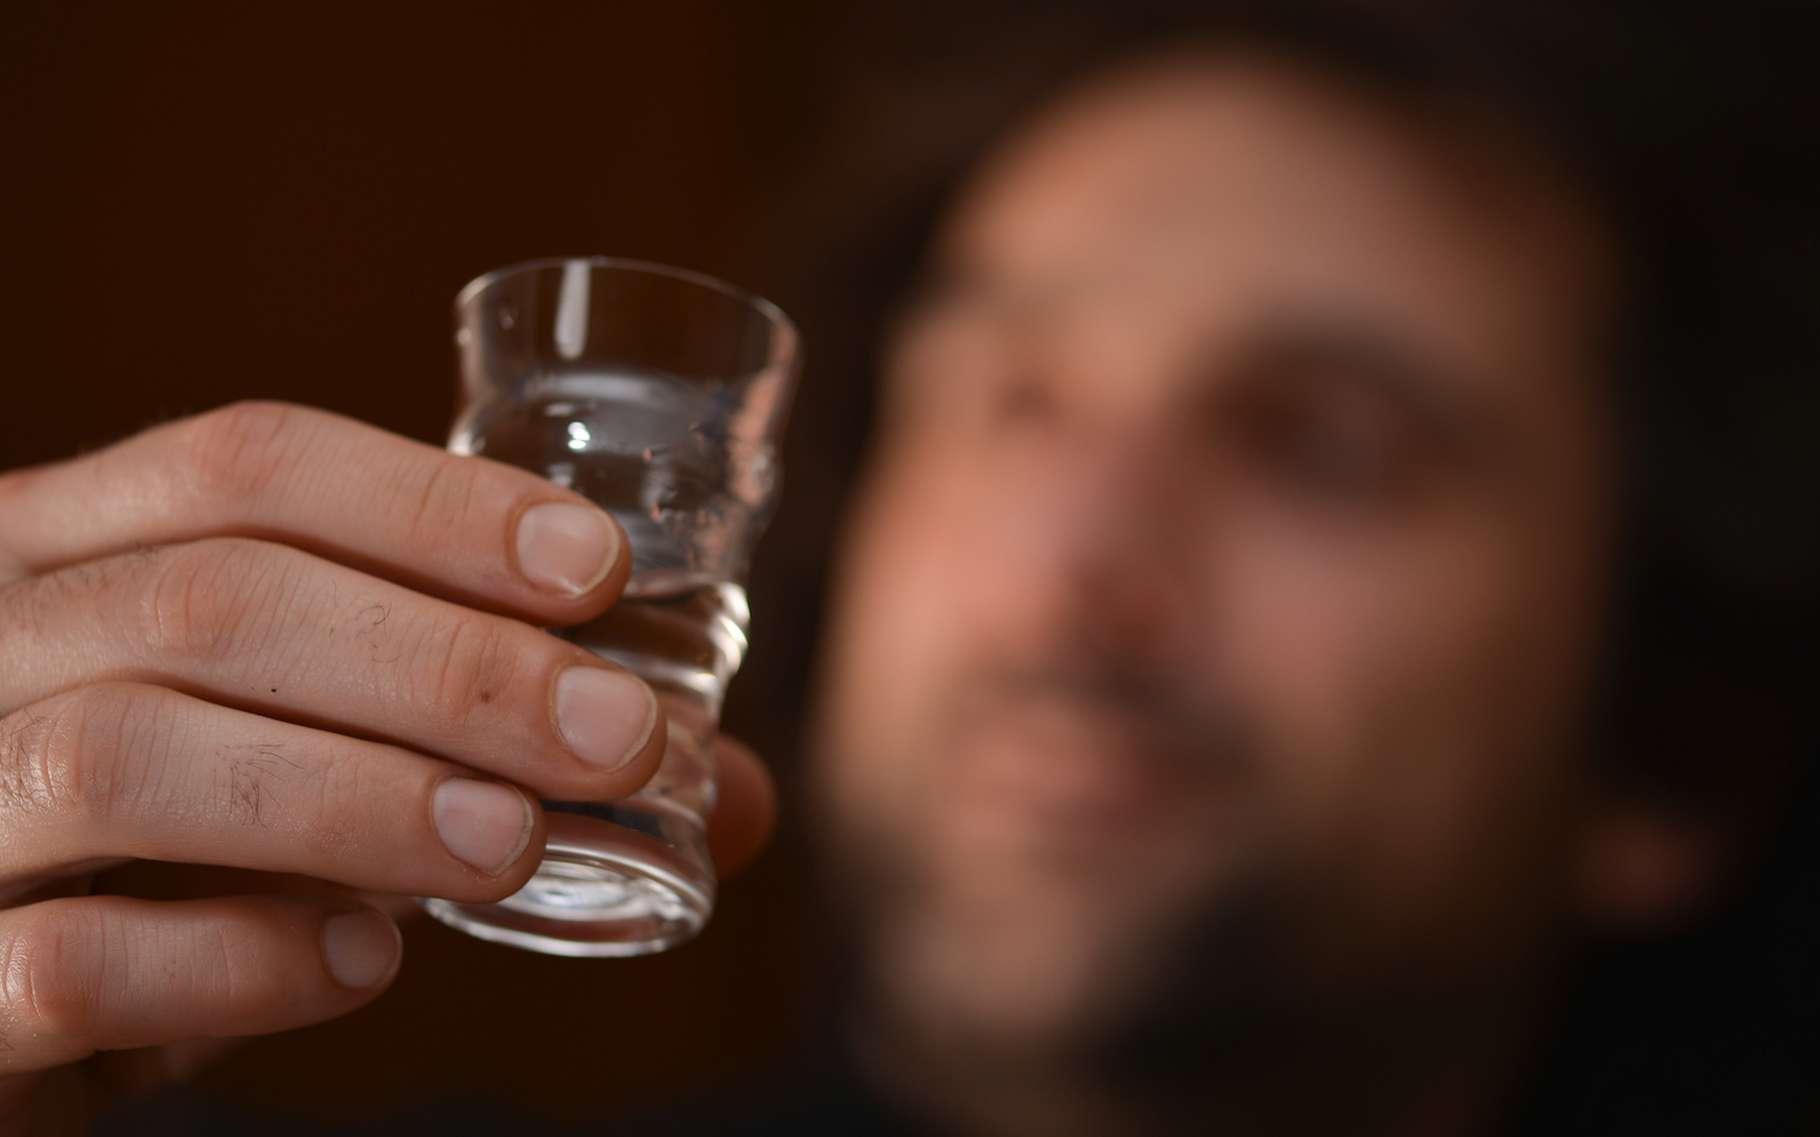 Contrairement aux idées reçues, boire un digestif n'aide pas notre corps à mieux assimiler un repas un peu trop lourd. © viappy, Adobe Stock